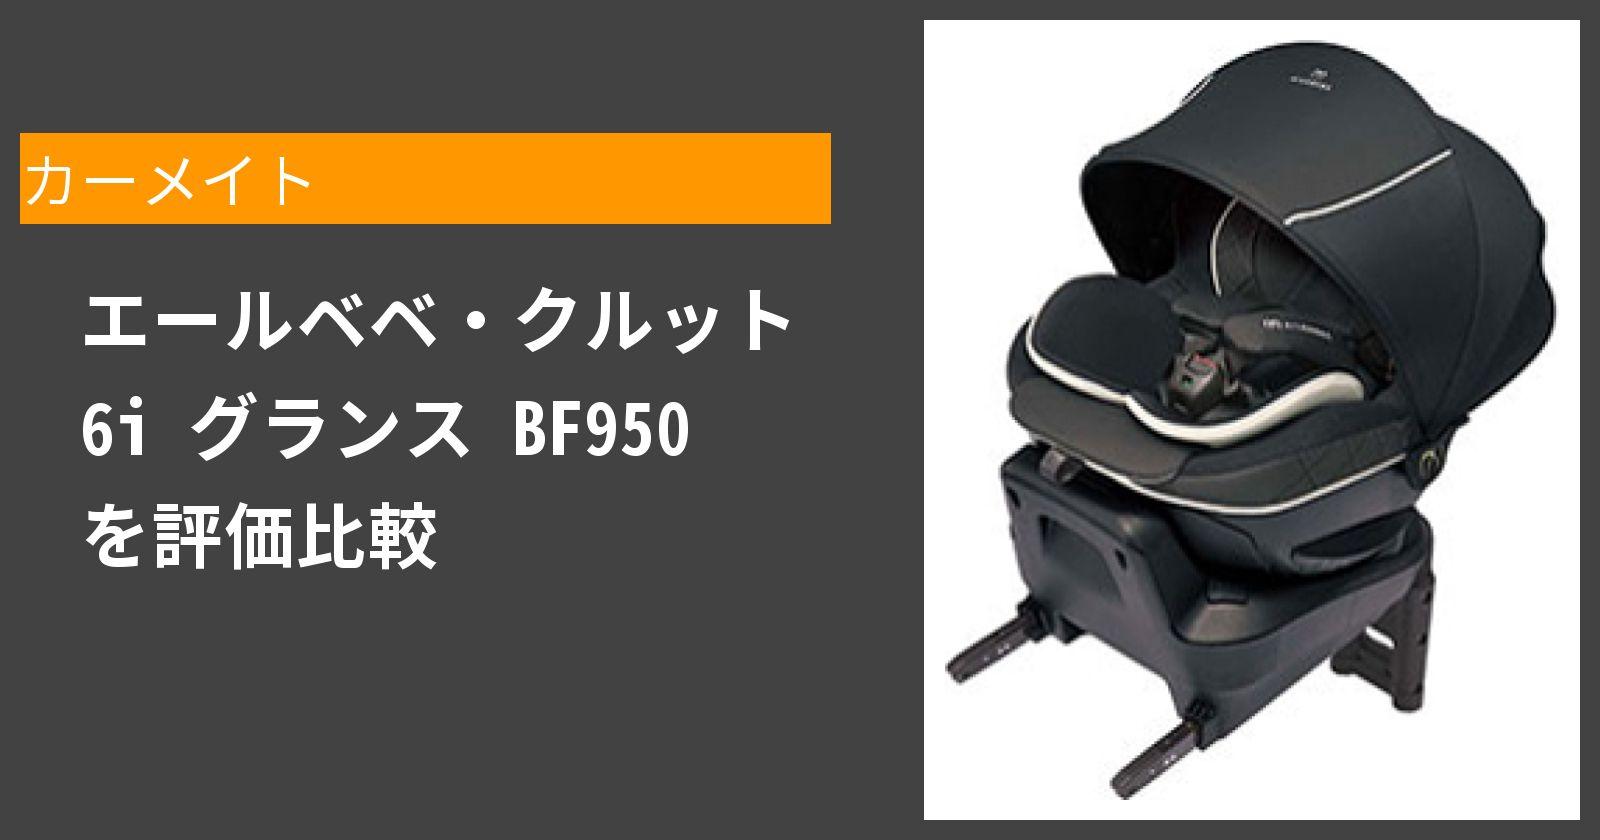 エールベベ・クルット 6i グランス BF950を徹底評価